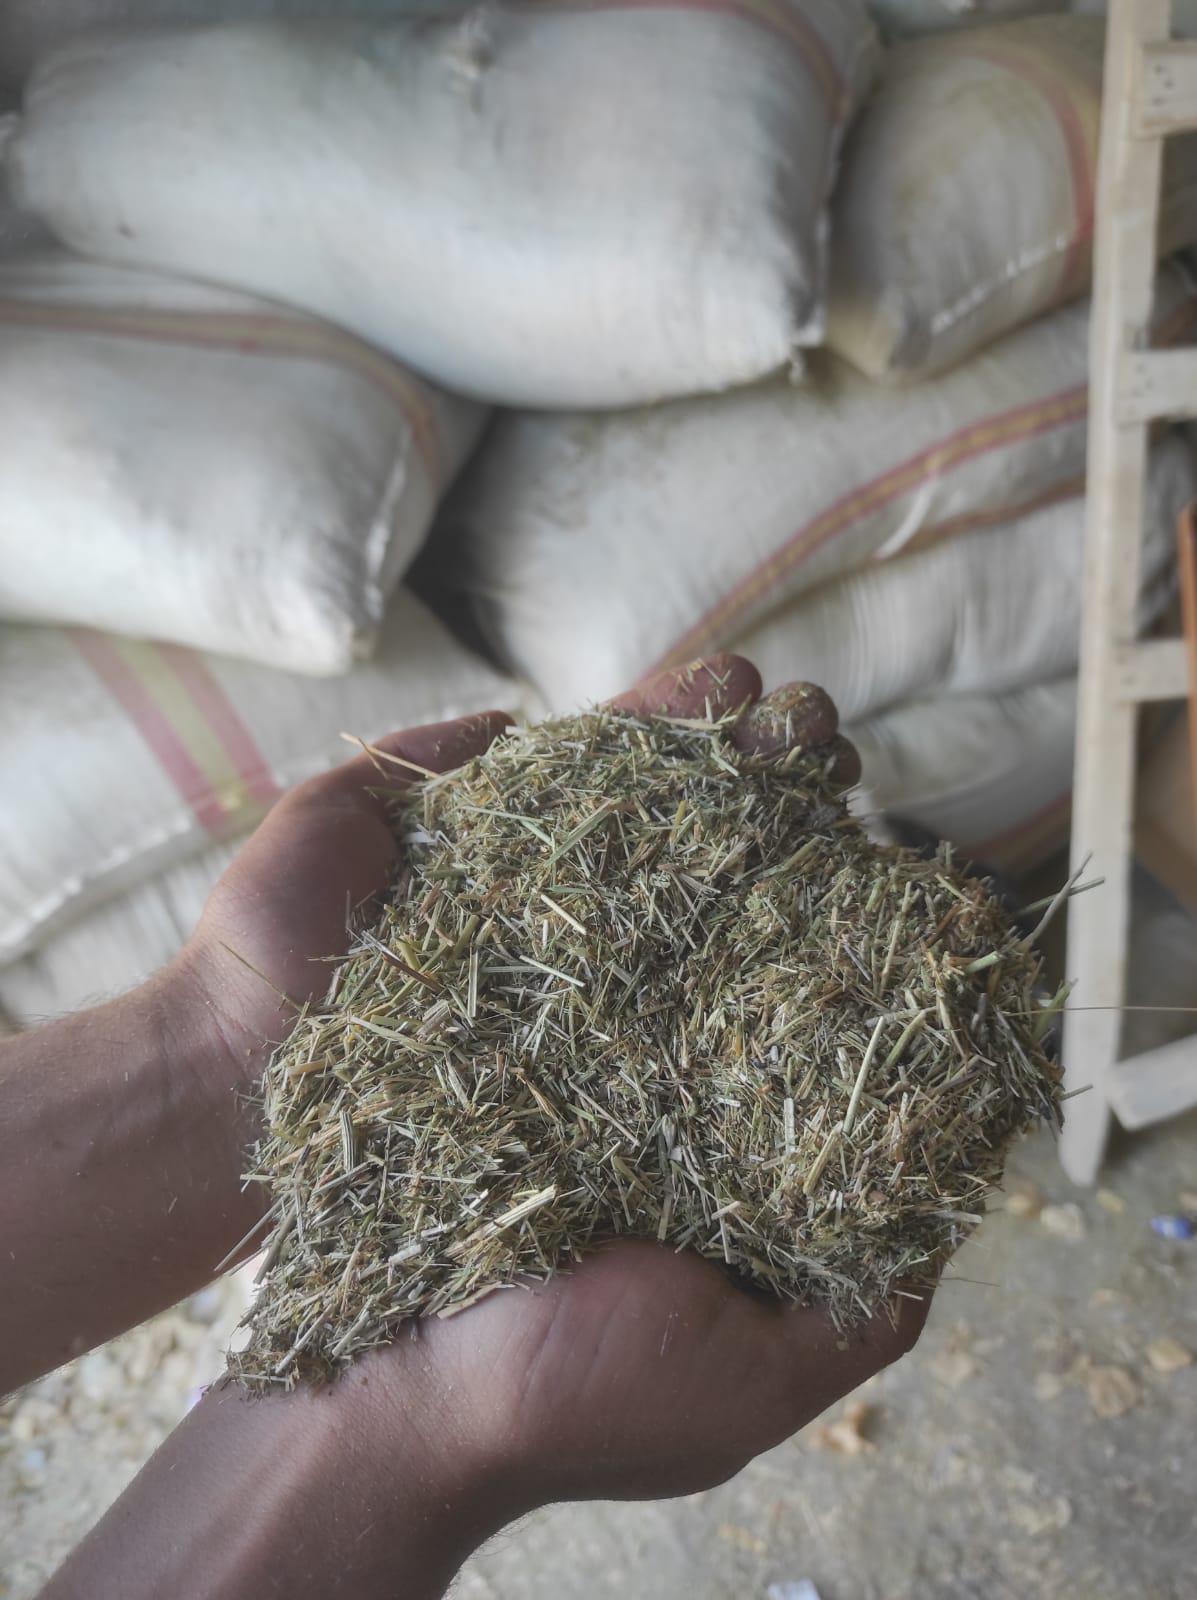 Bakla samanı - Üretici Diyar Karaka 1850 tl fiyat ile 18.000 kilogram bakla samanı  satmak istiyor